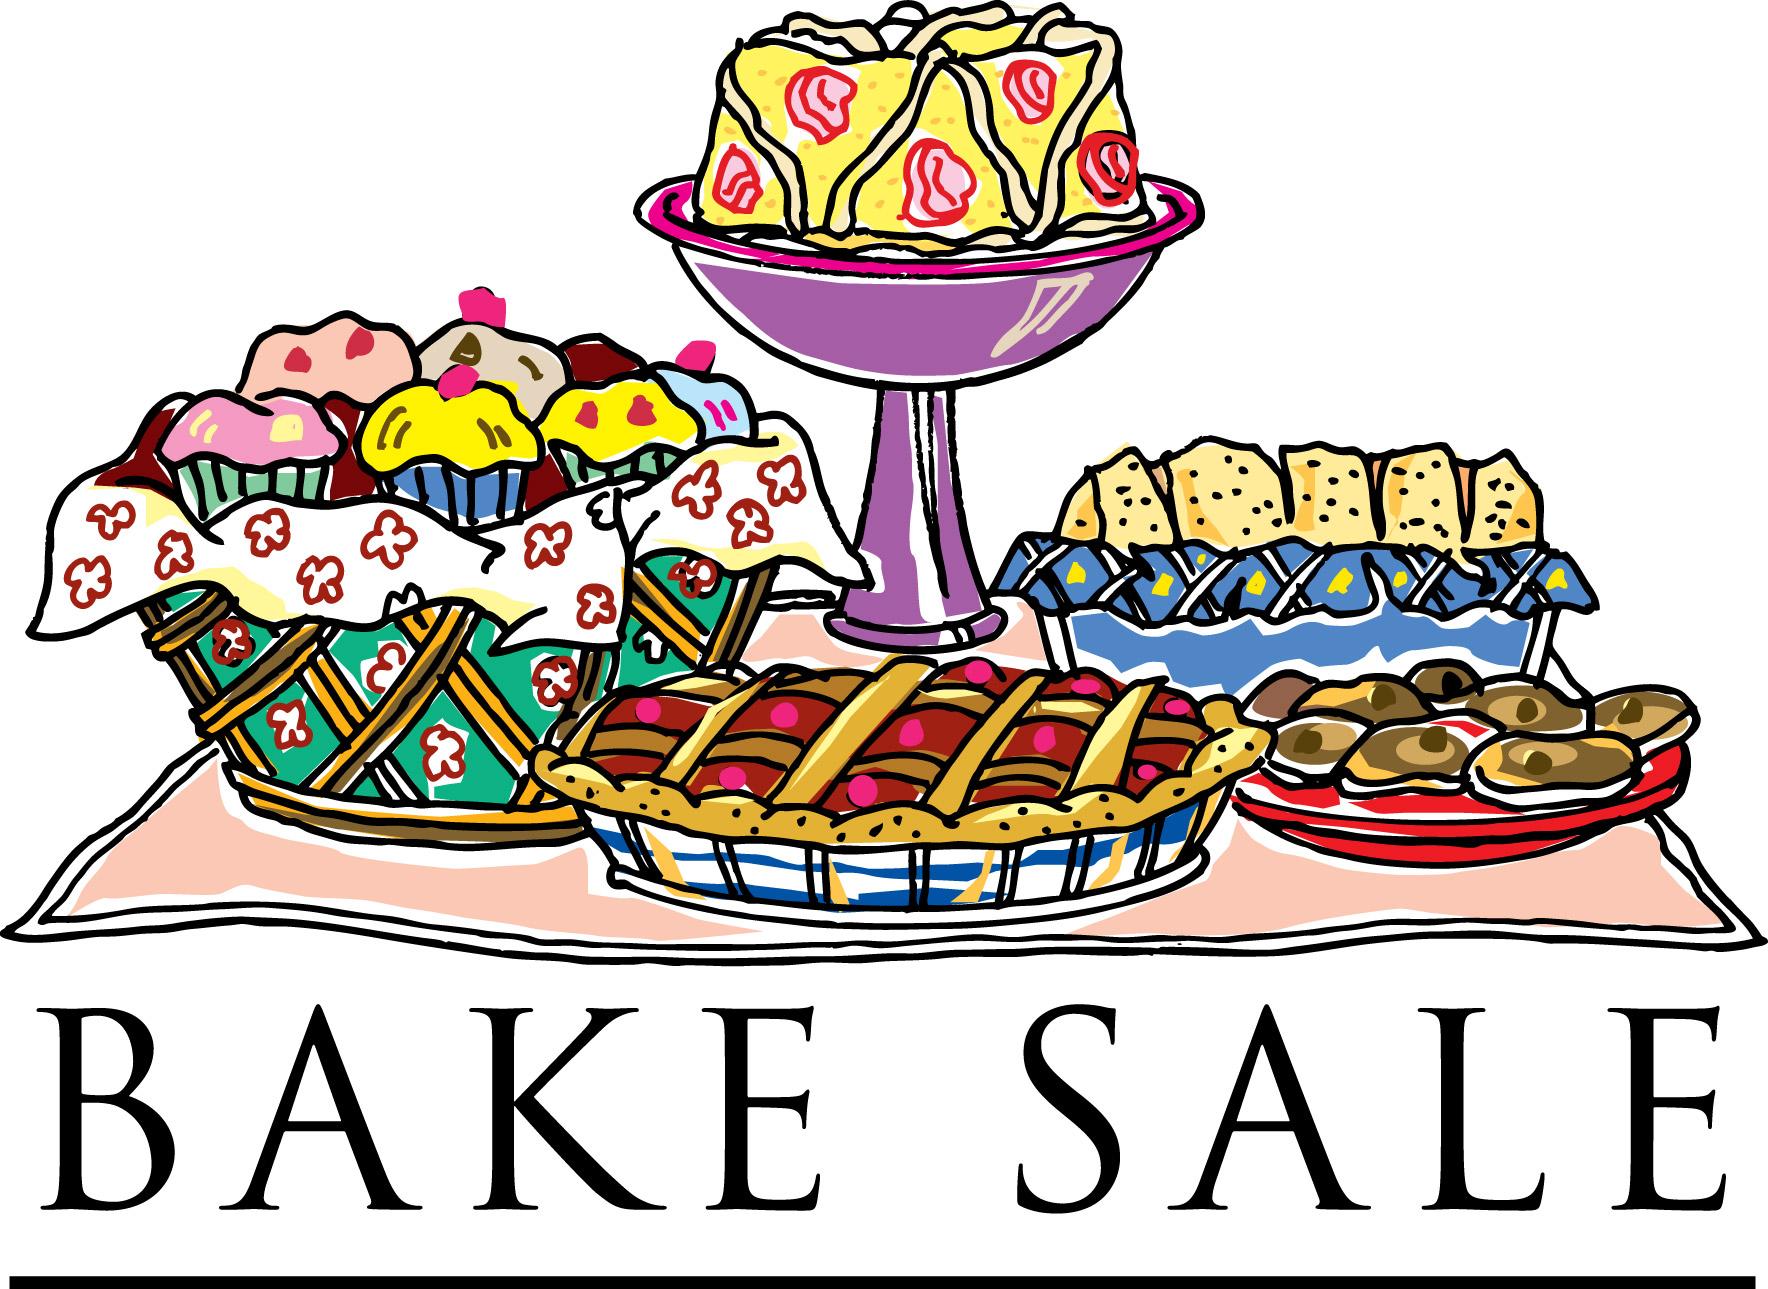 Baked goods clipart auction. Bake sale kid clipartix